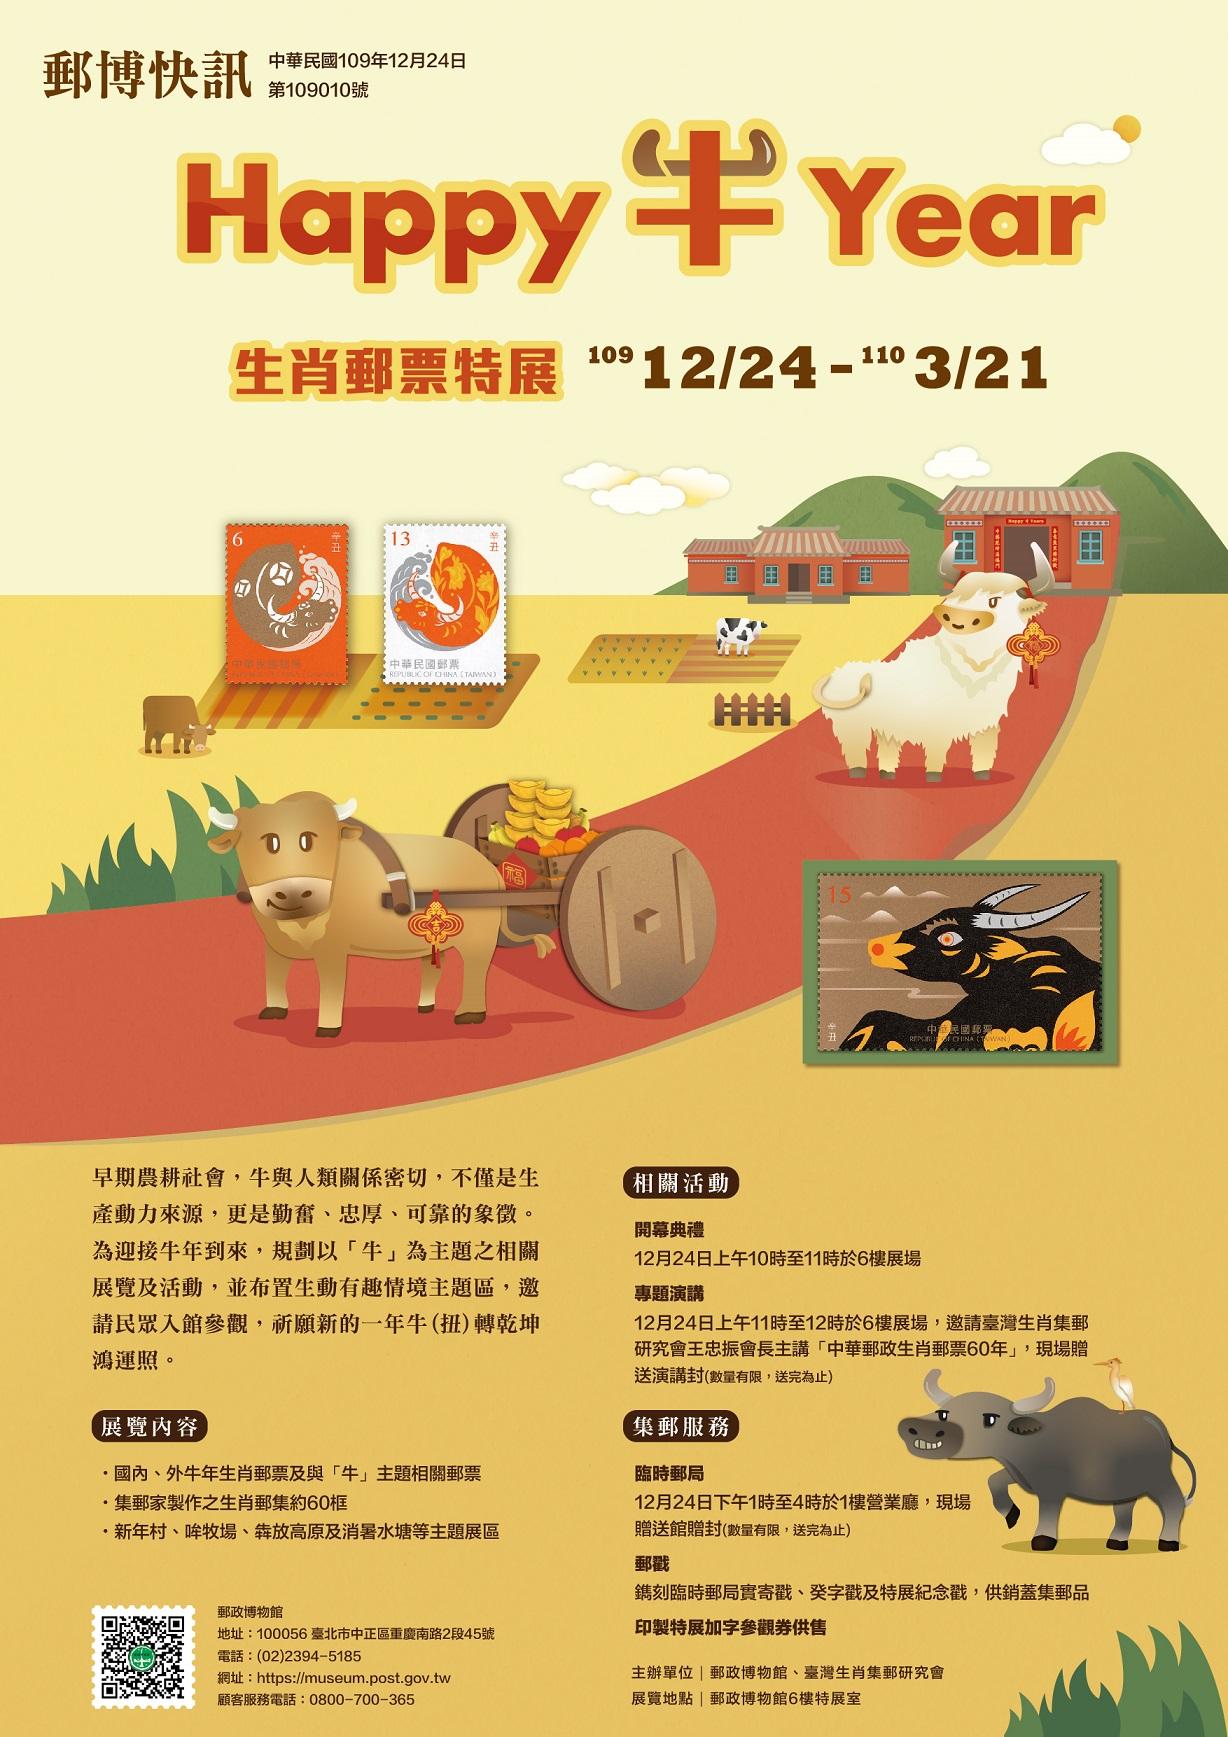 「Happy 牛 Year-生肖郵票特展」郵博快訊